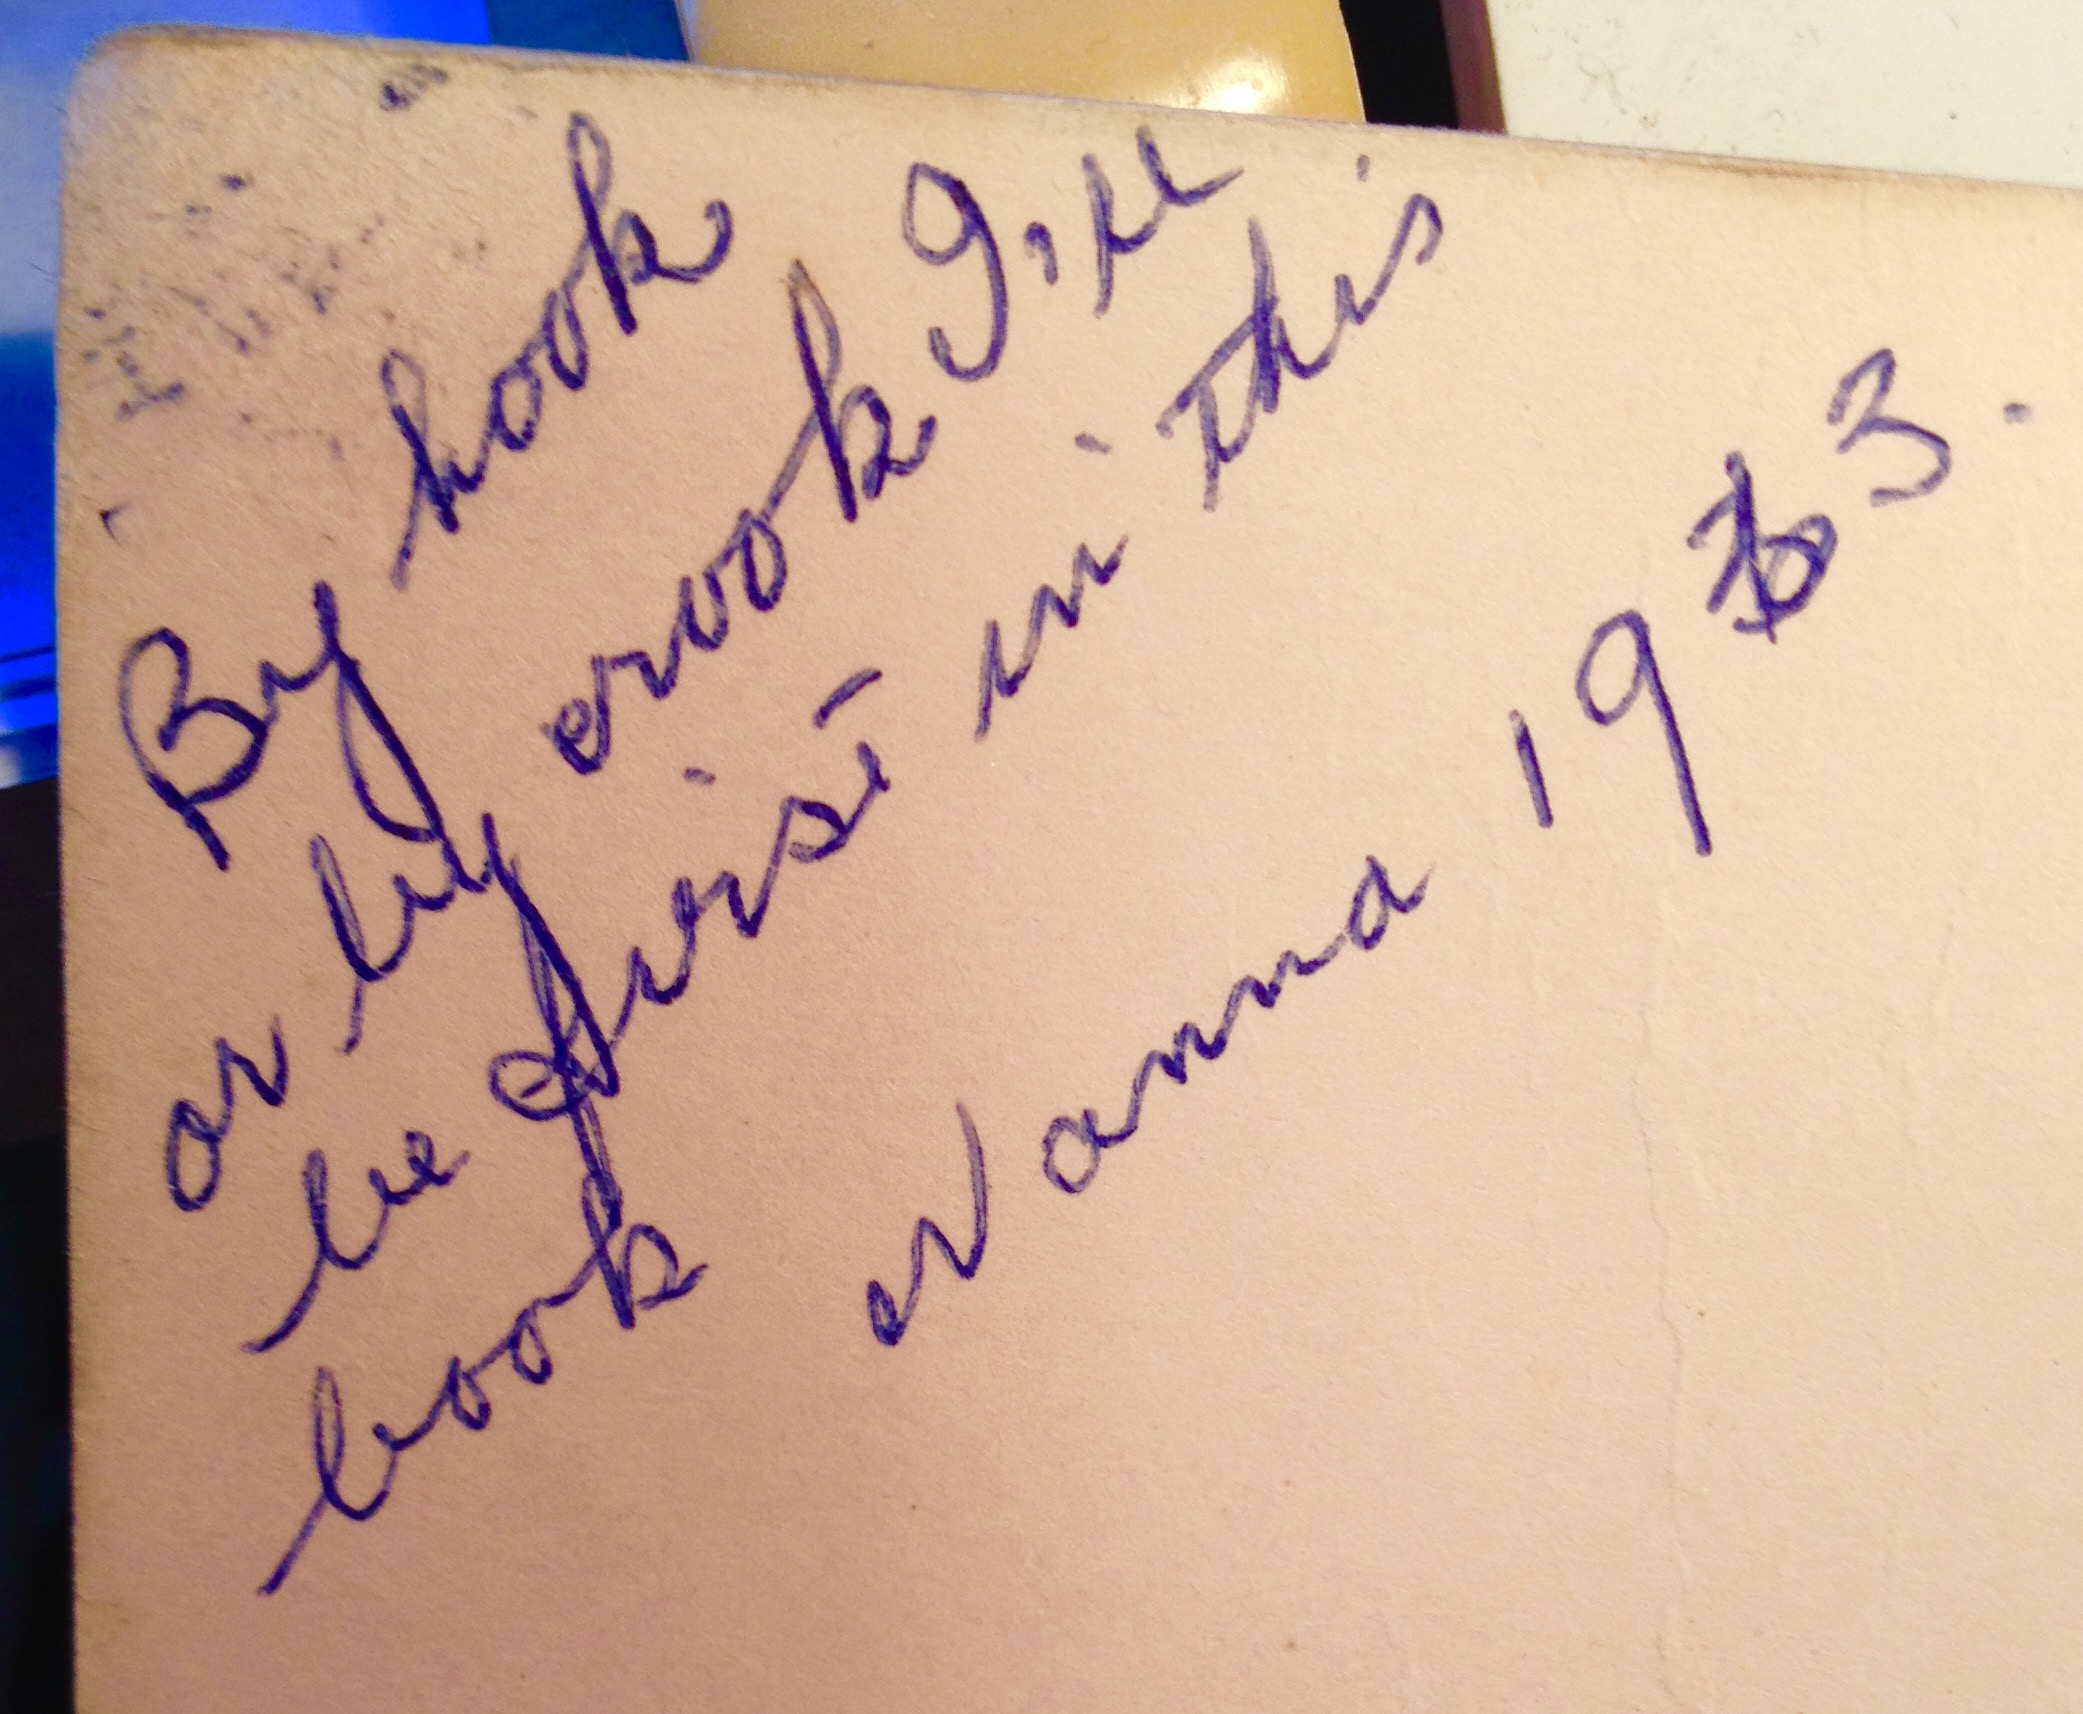 Nanna's autograph